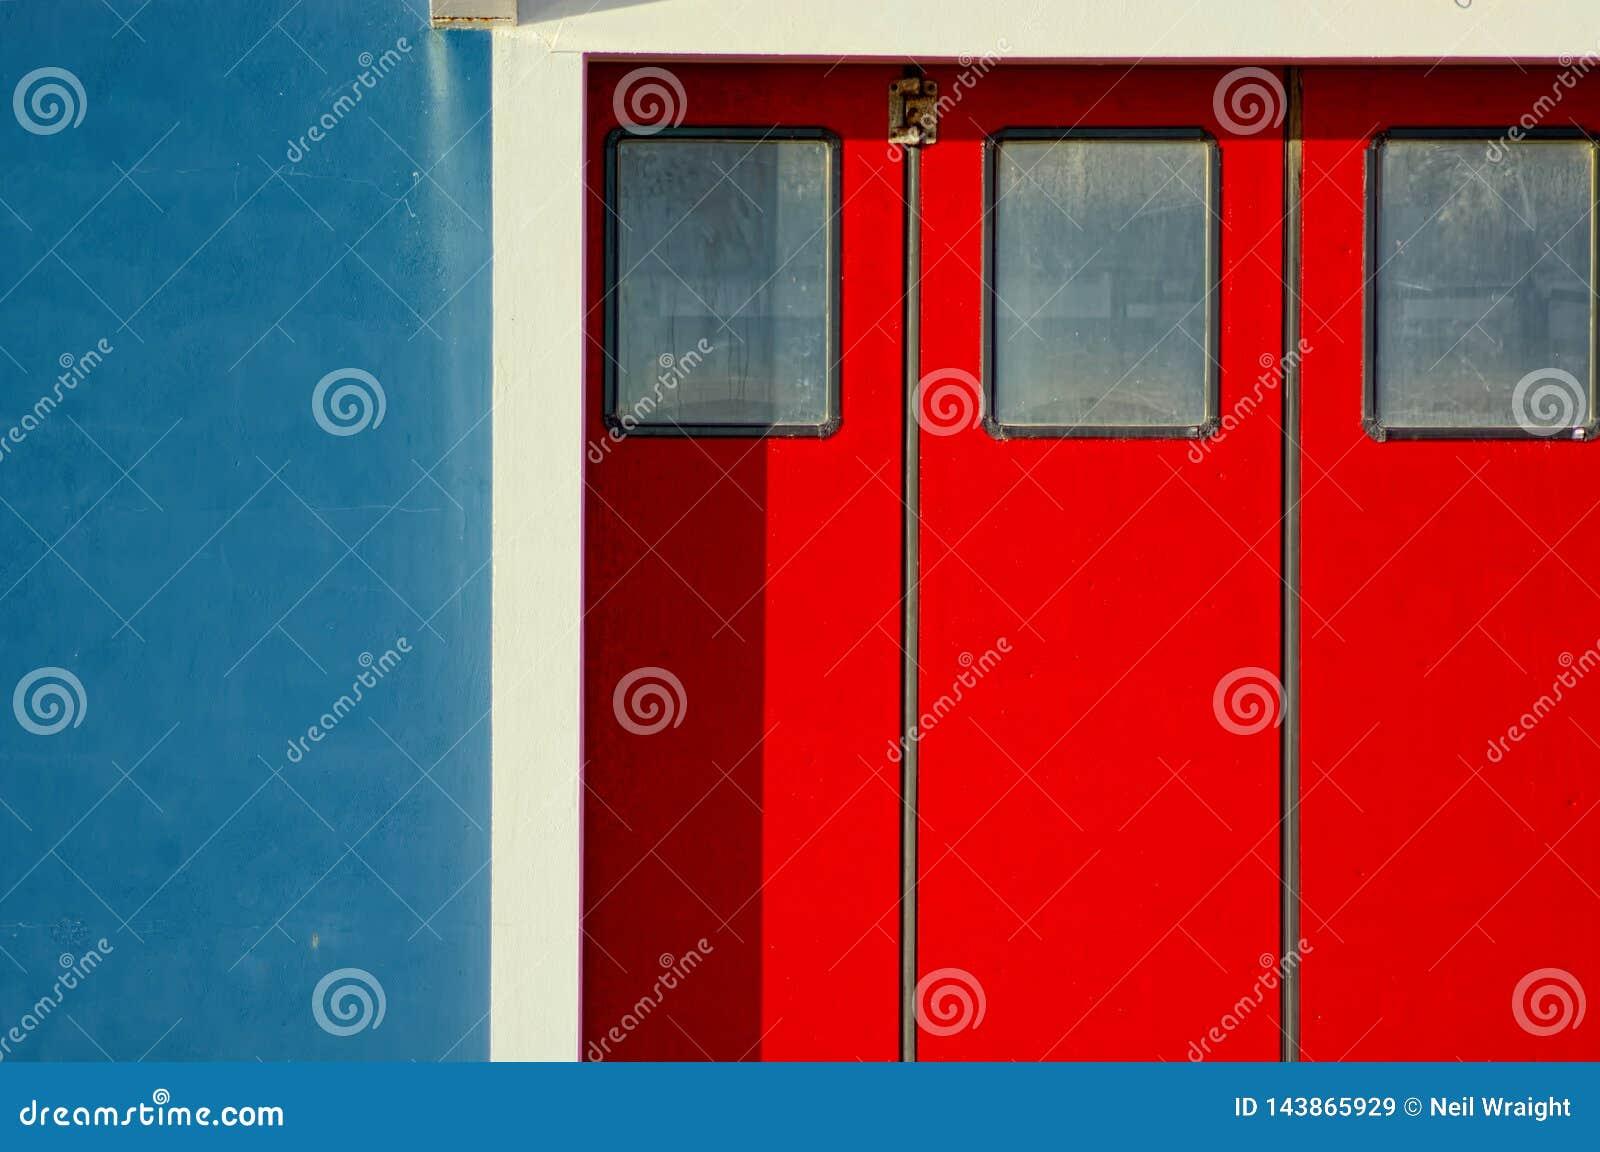 Ζωηρές κόκκινες πόρτες, μπλε τοίχος, άσπρη περιποίηση αφηρημένο χρώμα